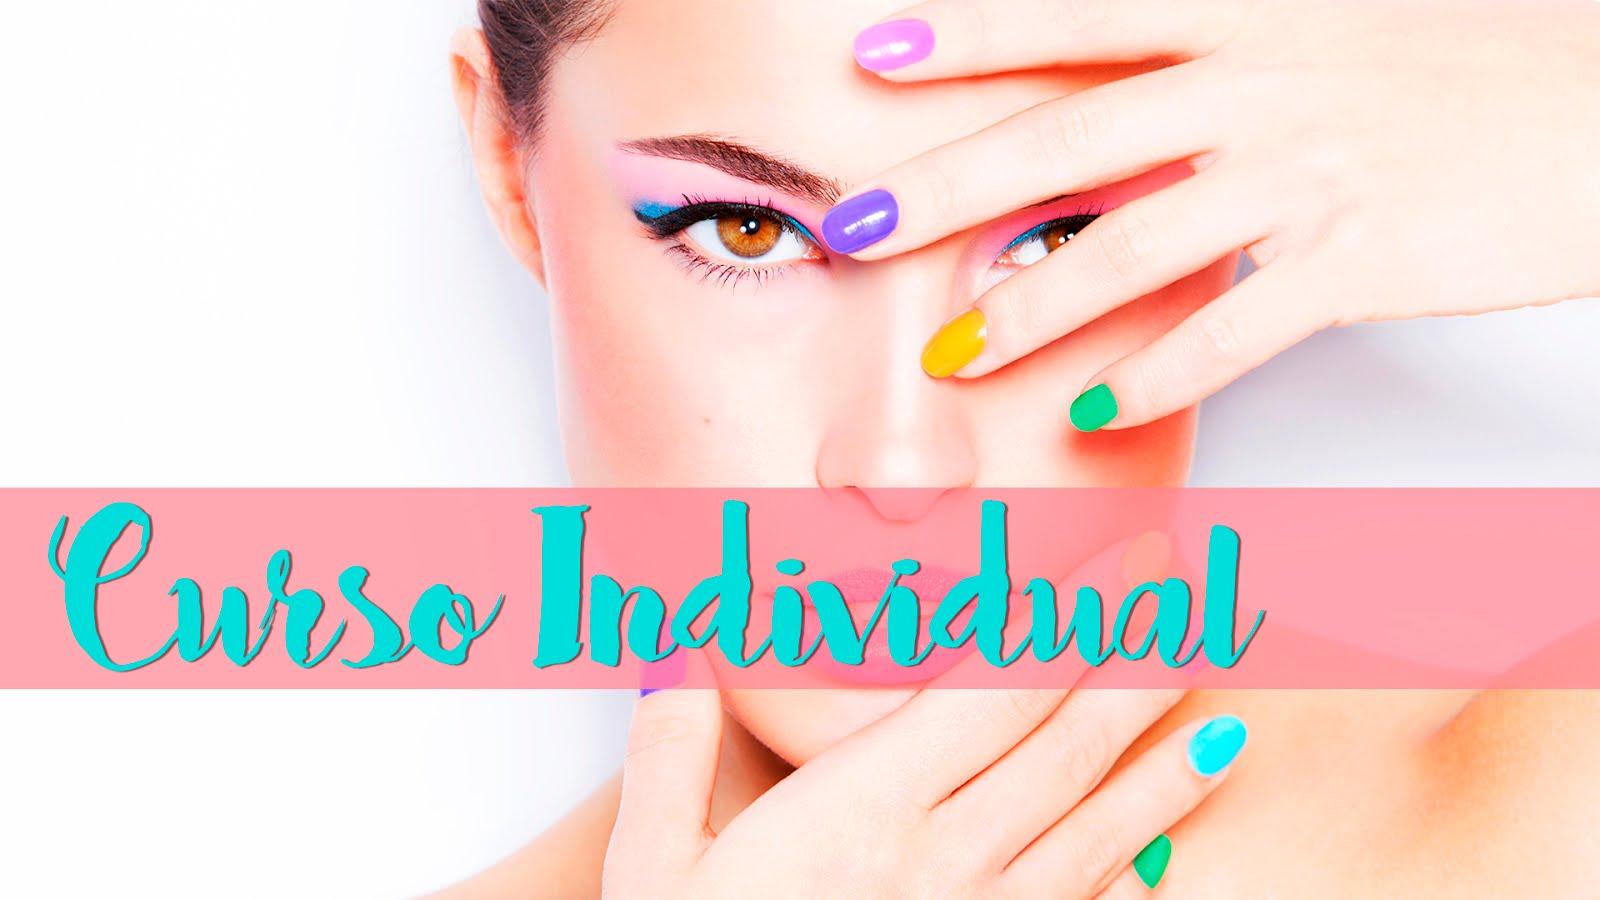 http://bridacoelho.blogspot.com.es/p/curso-de-automaquillaje-individual.html